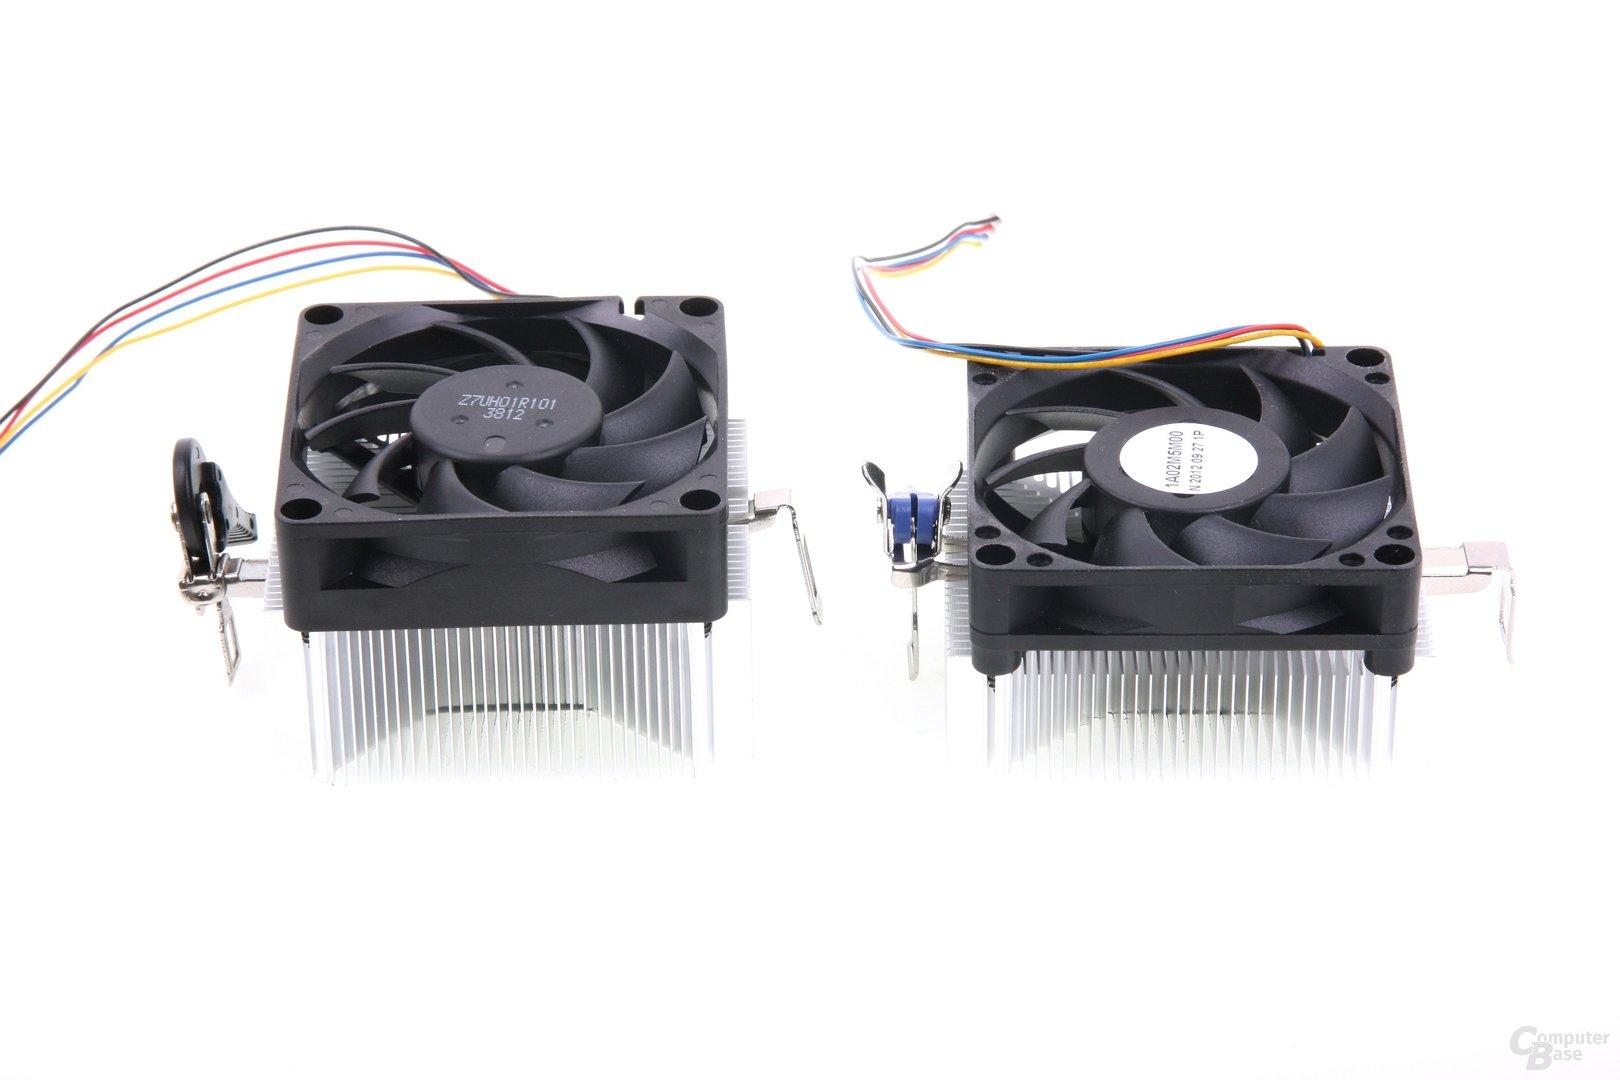 Kühler der Trinity-Boxed-Prozessoren